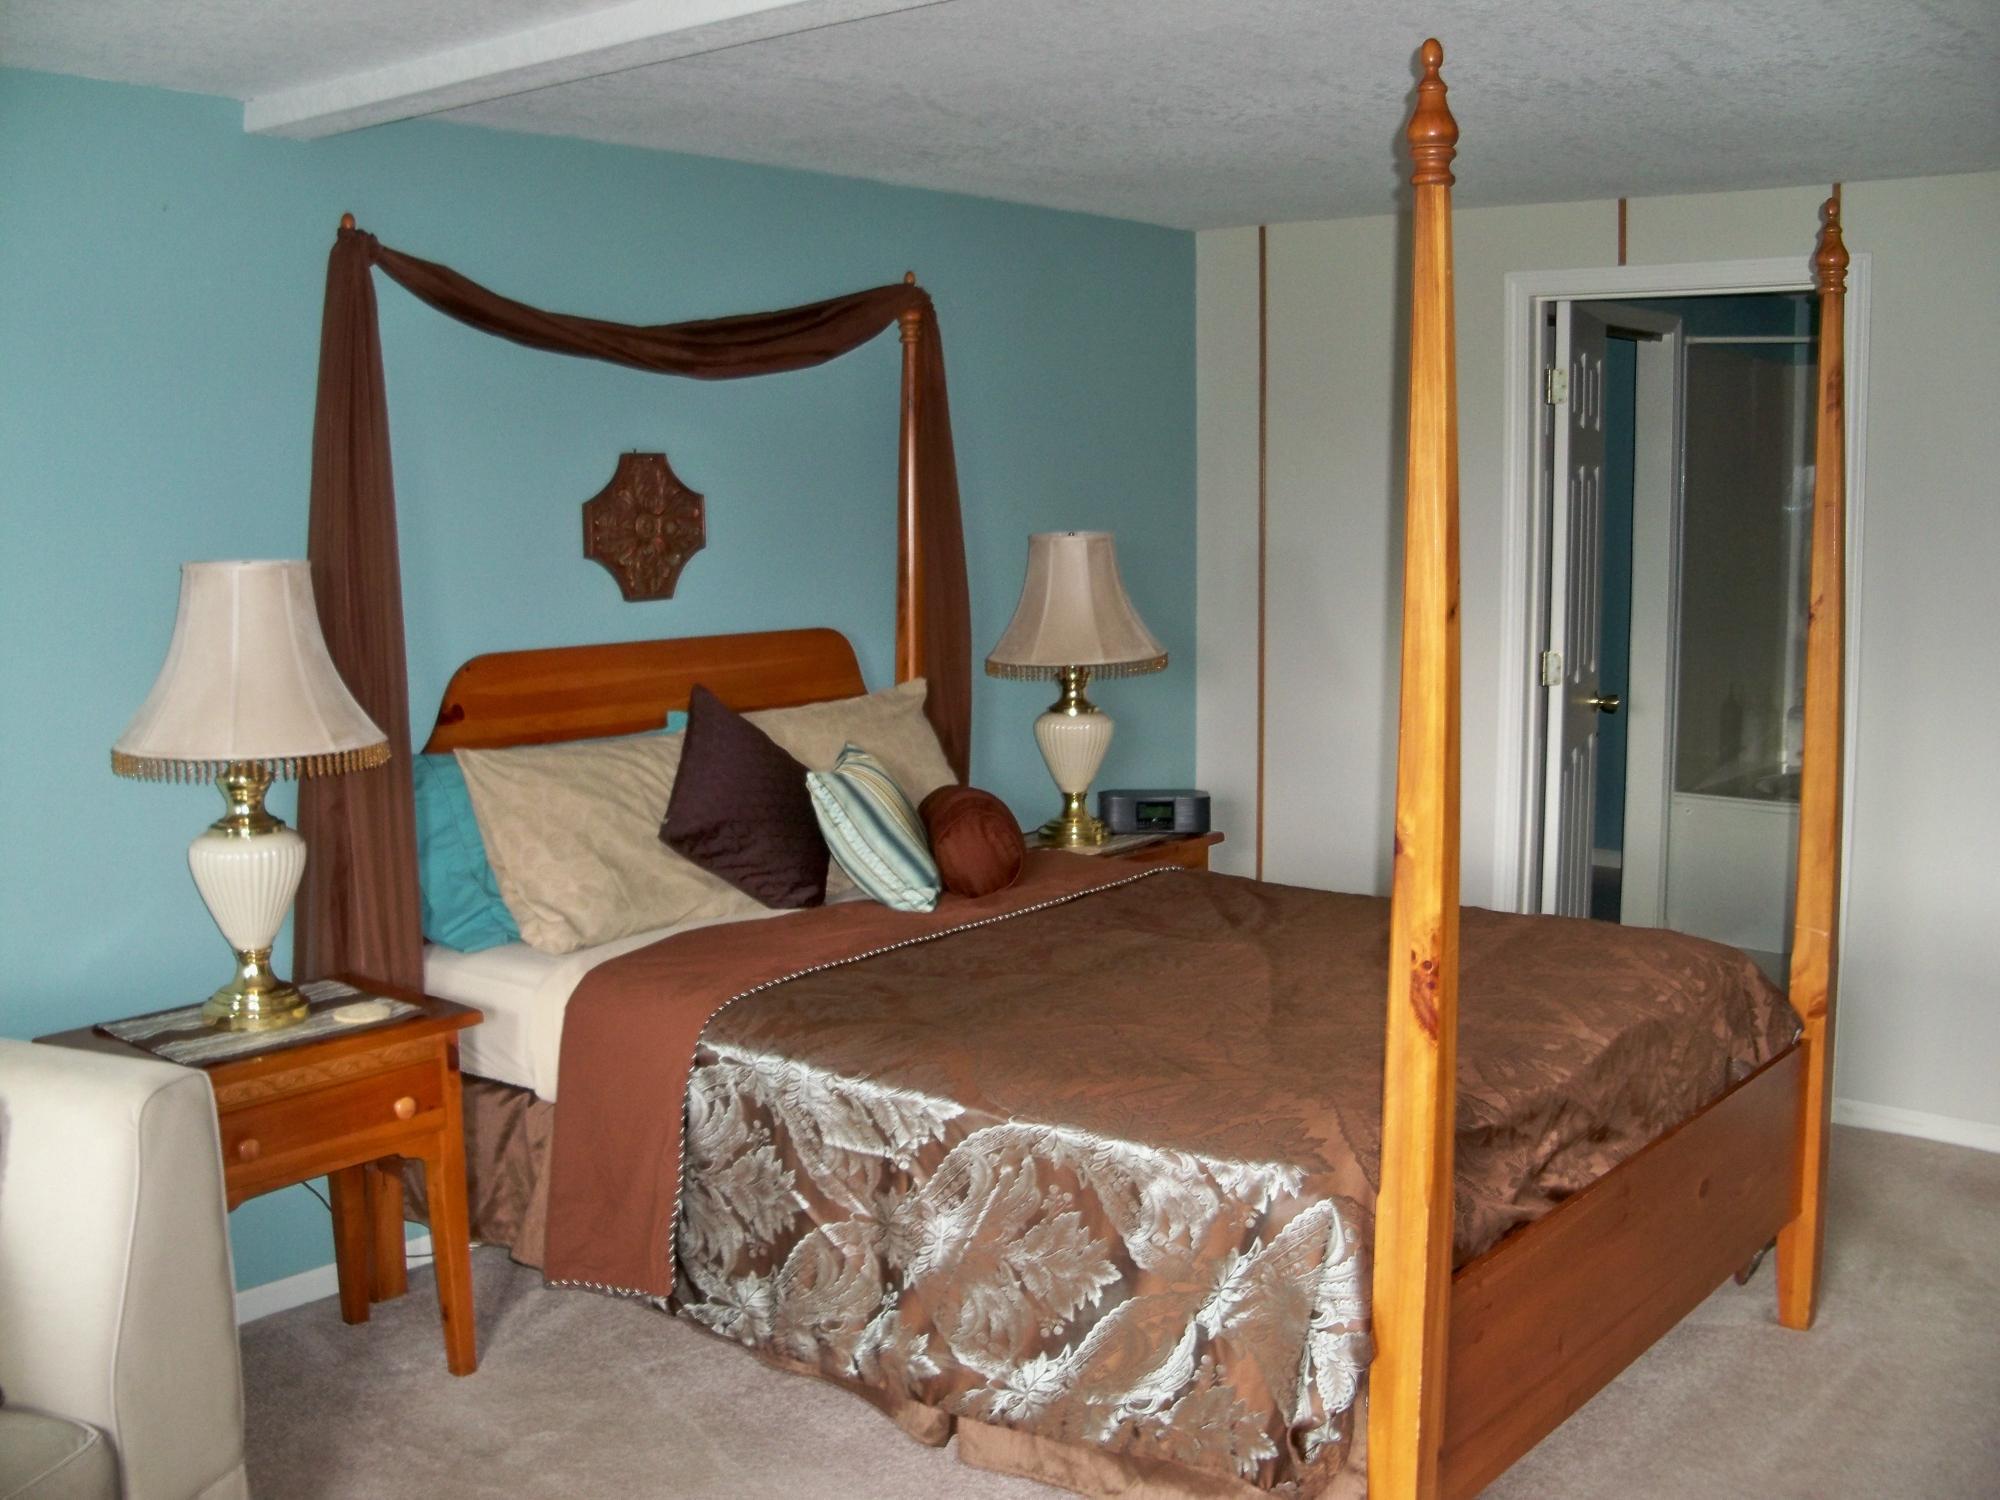 Sweetgrass Inn Bed & Breakfast